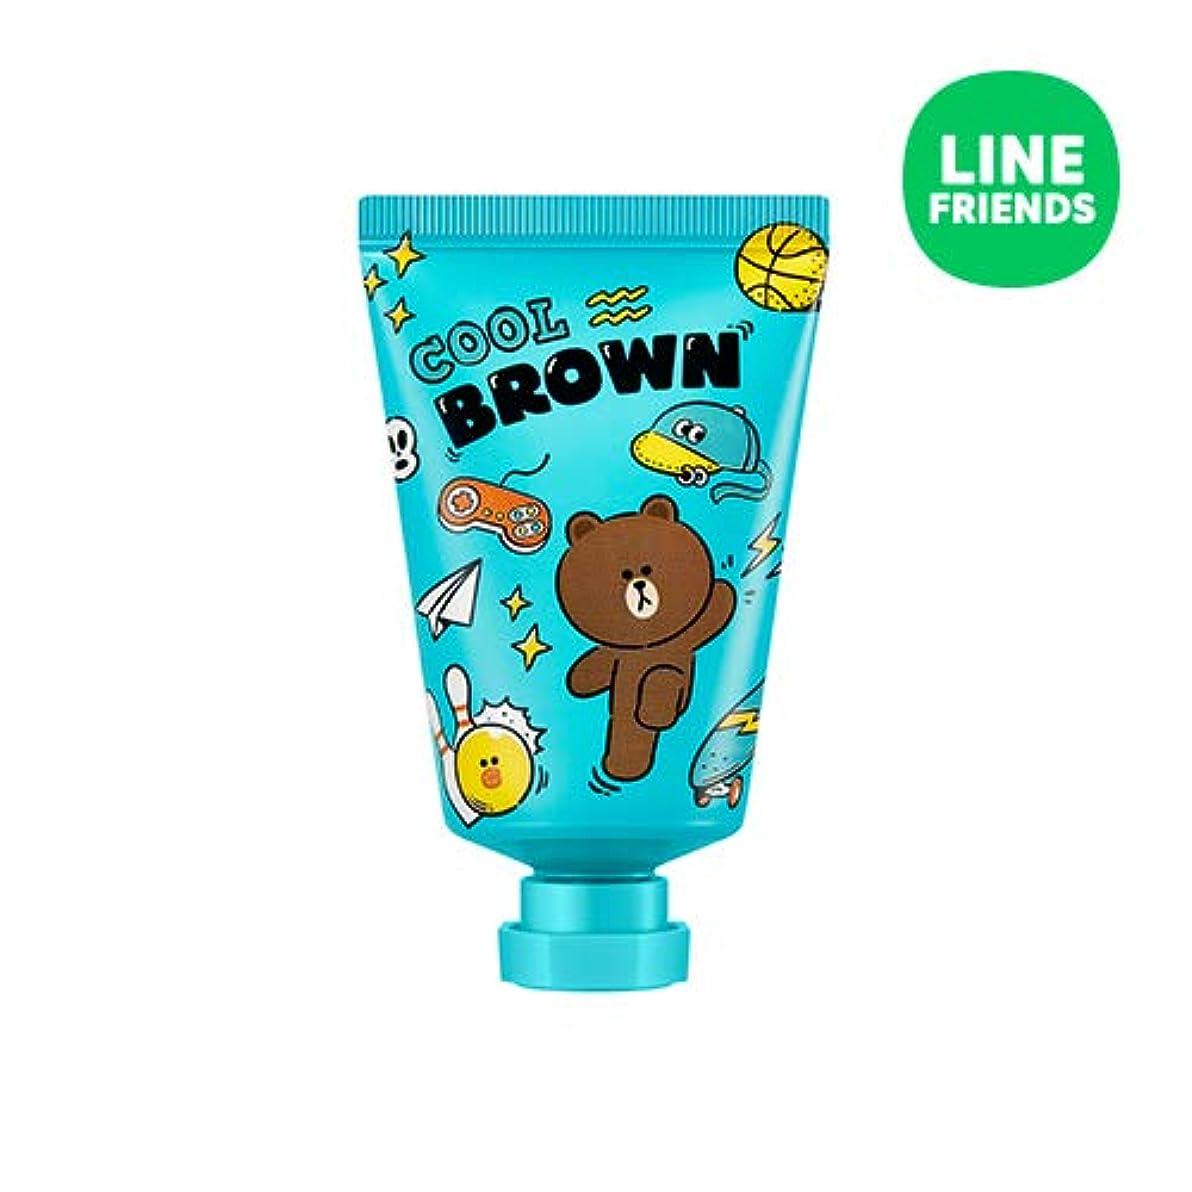 障害アトミック小説家ミシャ(ラインフレンズ)ラブシークレットハンドクリーム 30ml MISSHA [Line Friends Edition] Love Secret Hand Cream - Brown # Grapefruit [並行輸入品]